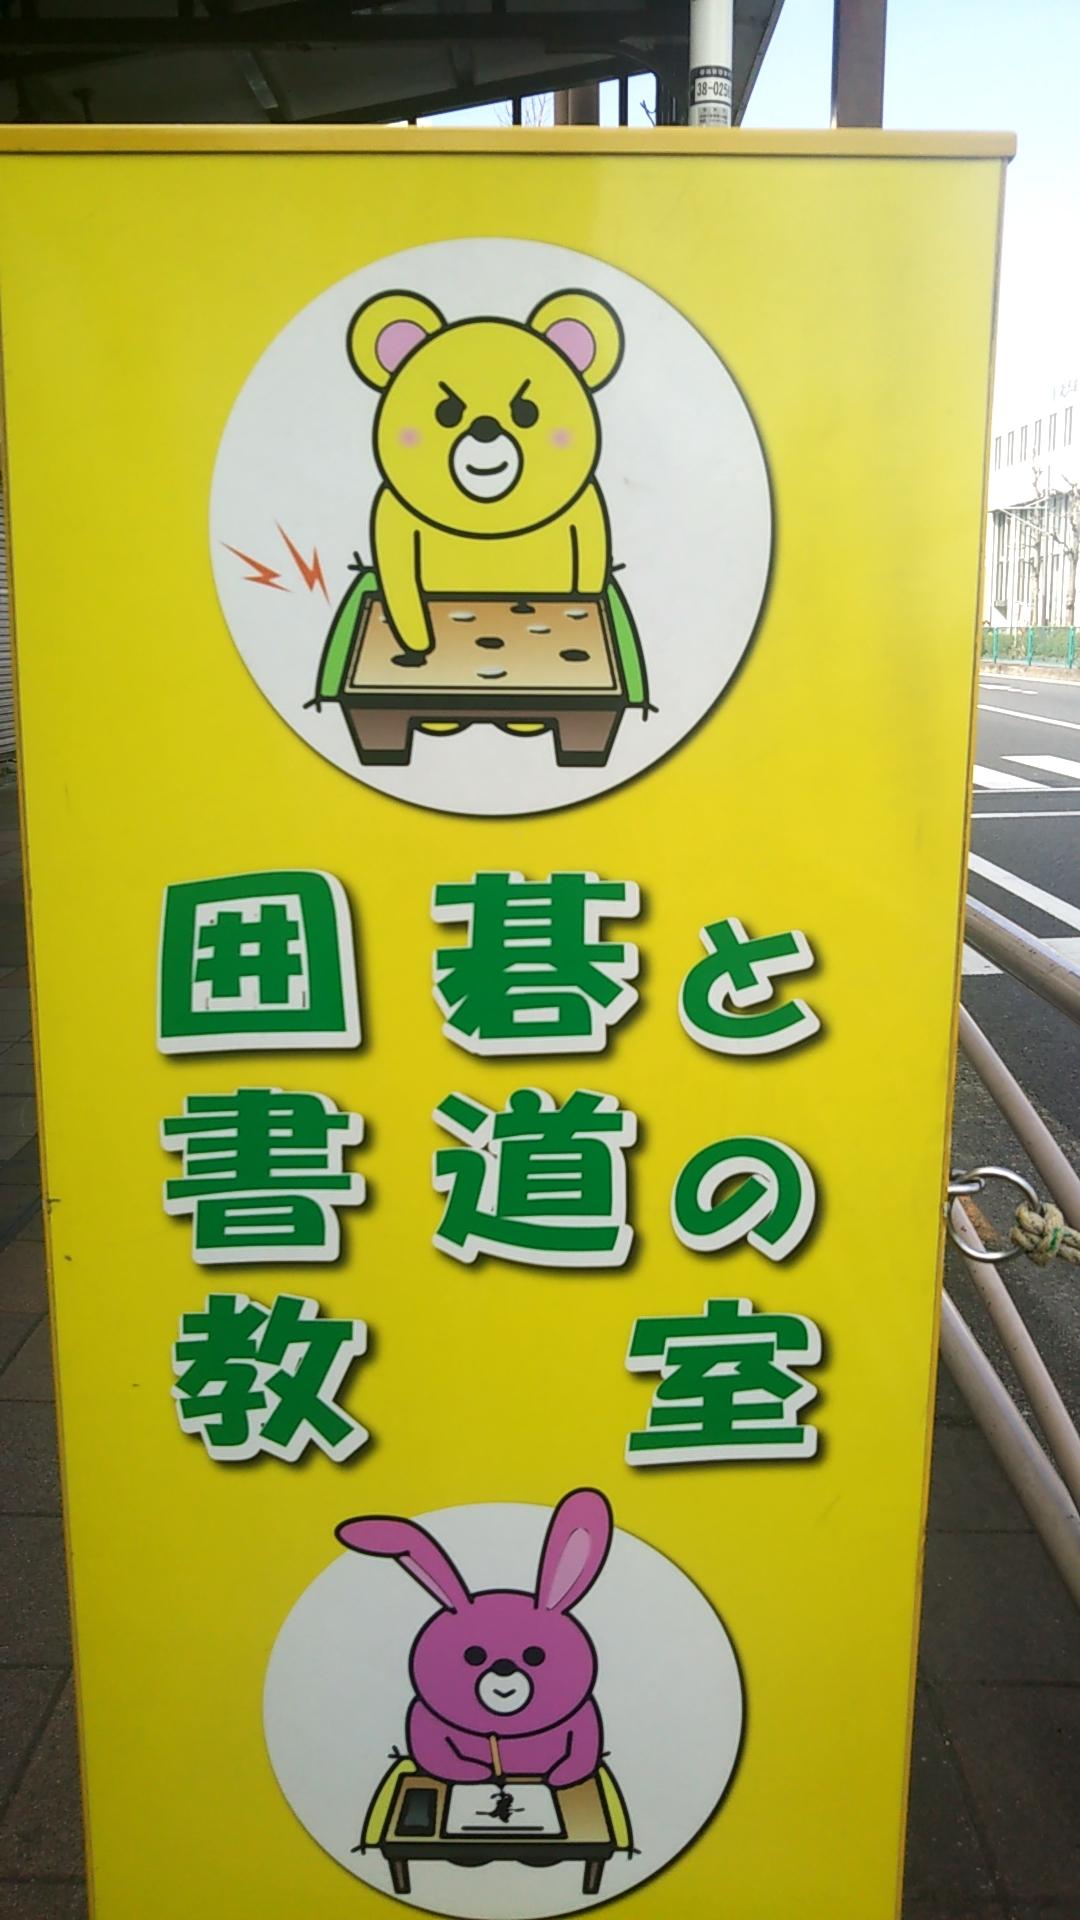 反町横浜囲碁サロンの看板